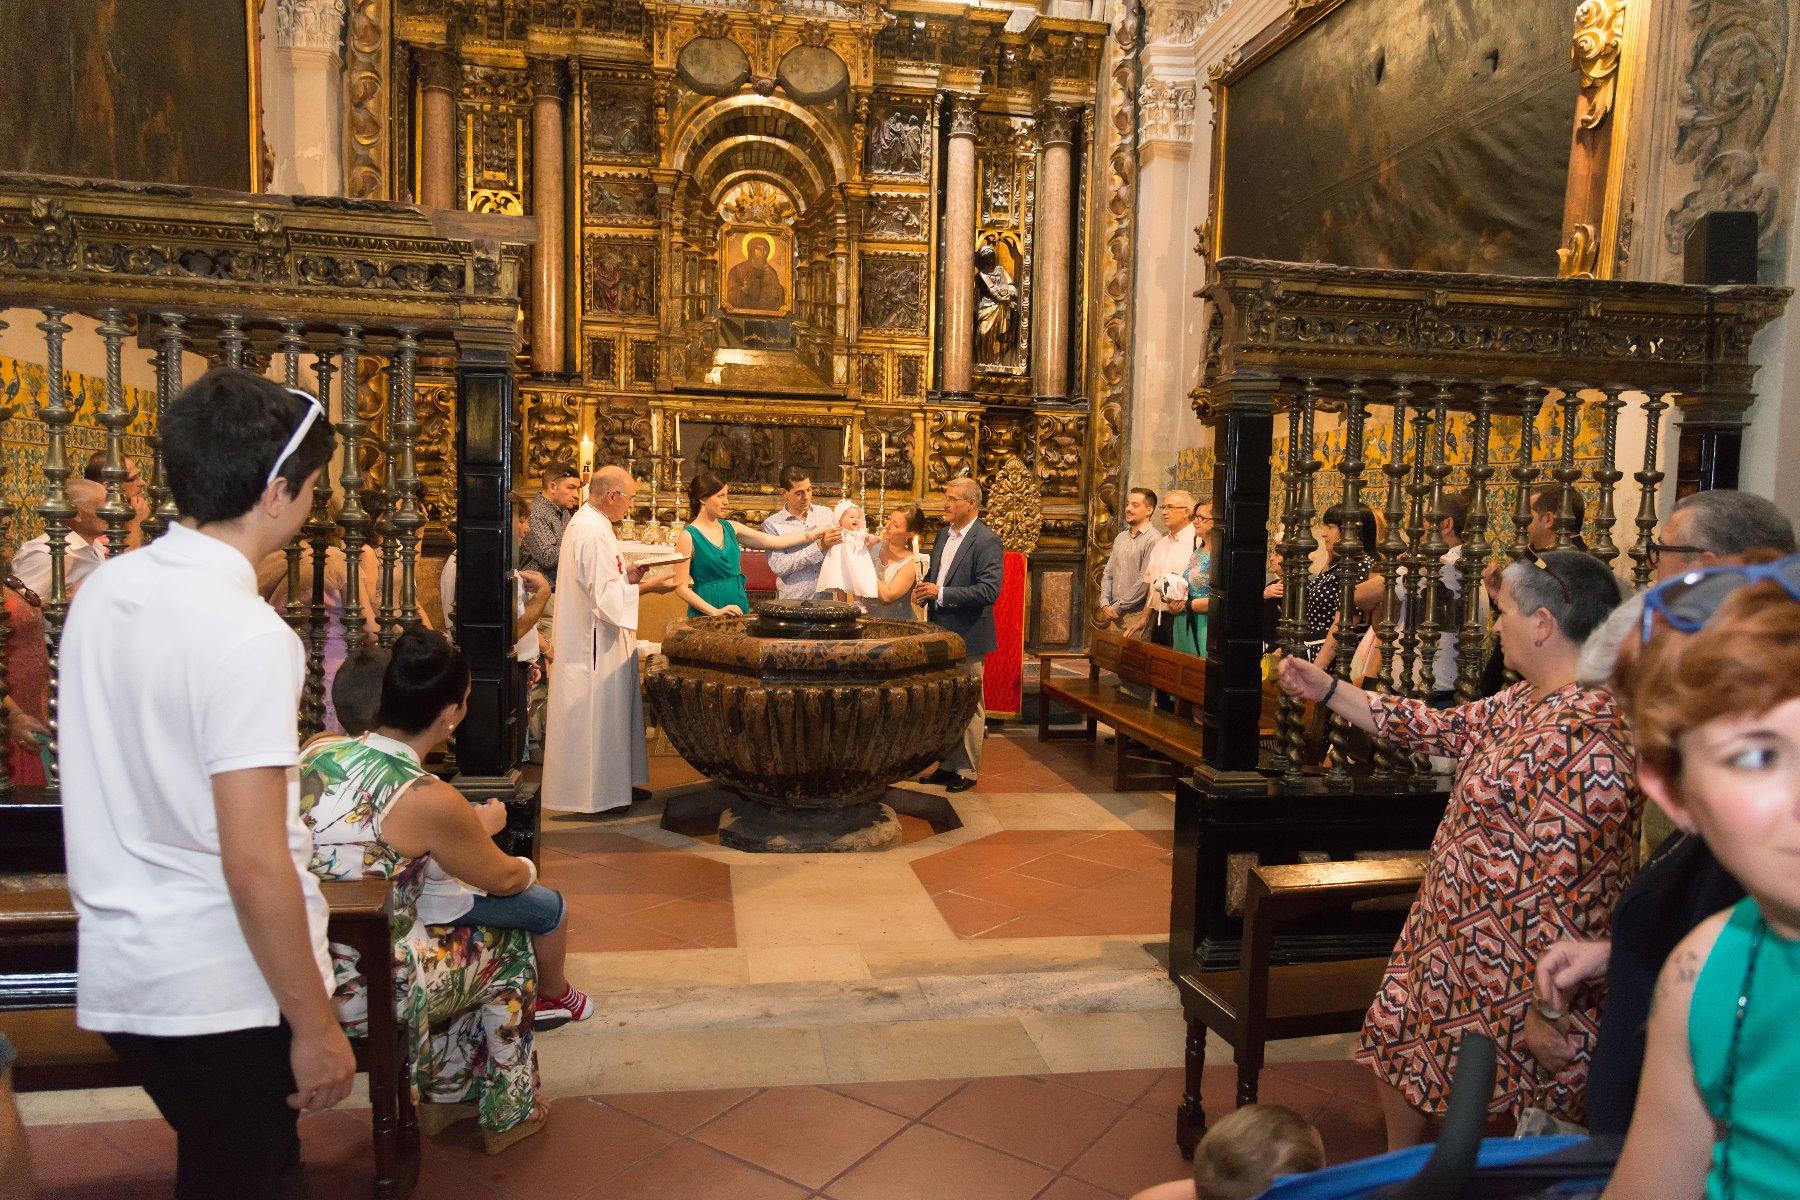 Temporada de bautizos. Reportajes fotográficos de familias en Zaragoza